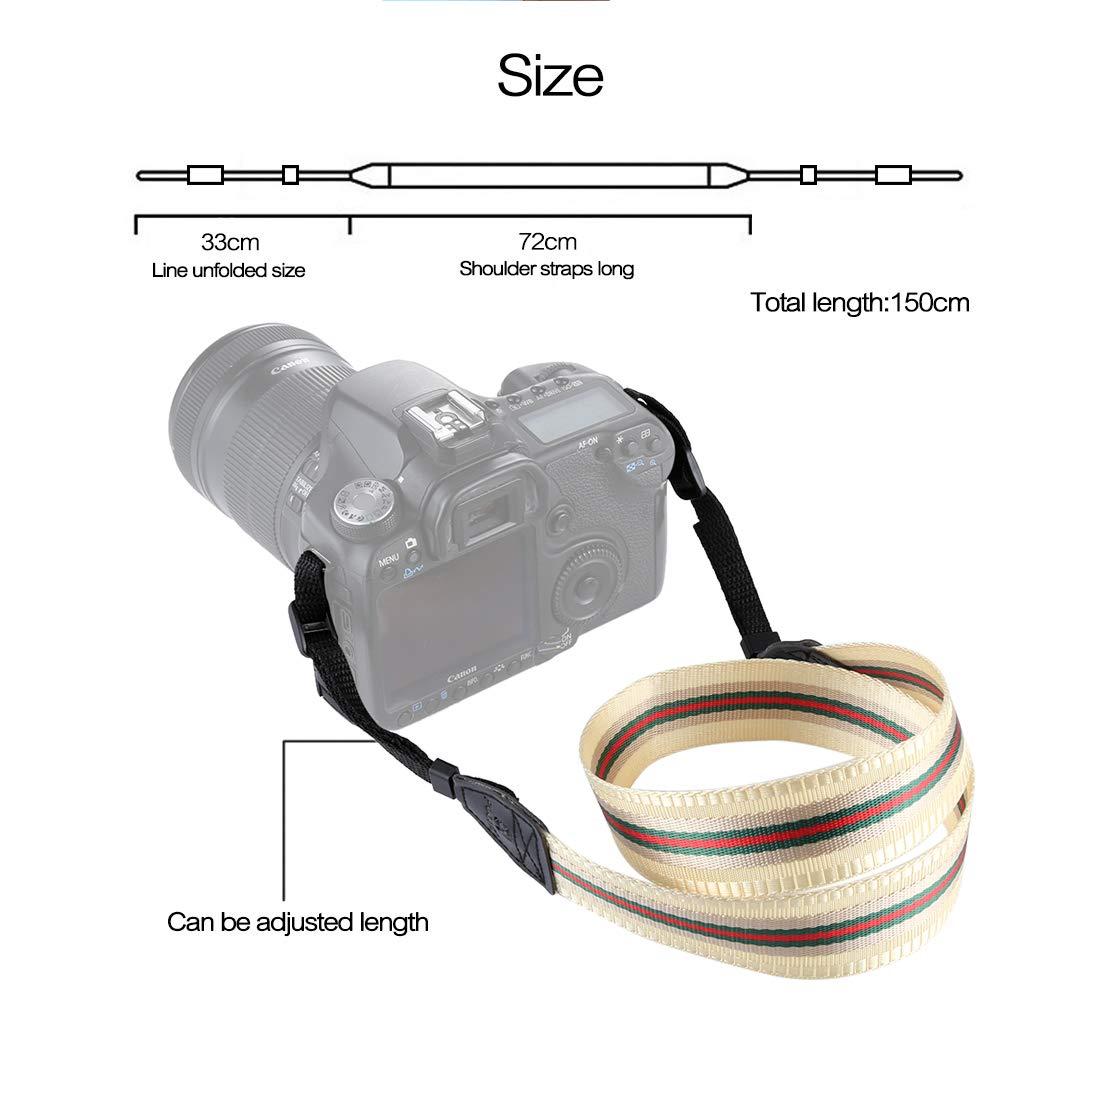 BYbrutek Kameragurt für DSLRs, Weich Kamera Schultergurt (universal passend), 150cm Long, 3.8cm Wide (6010Q)